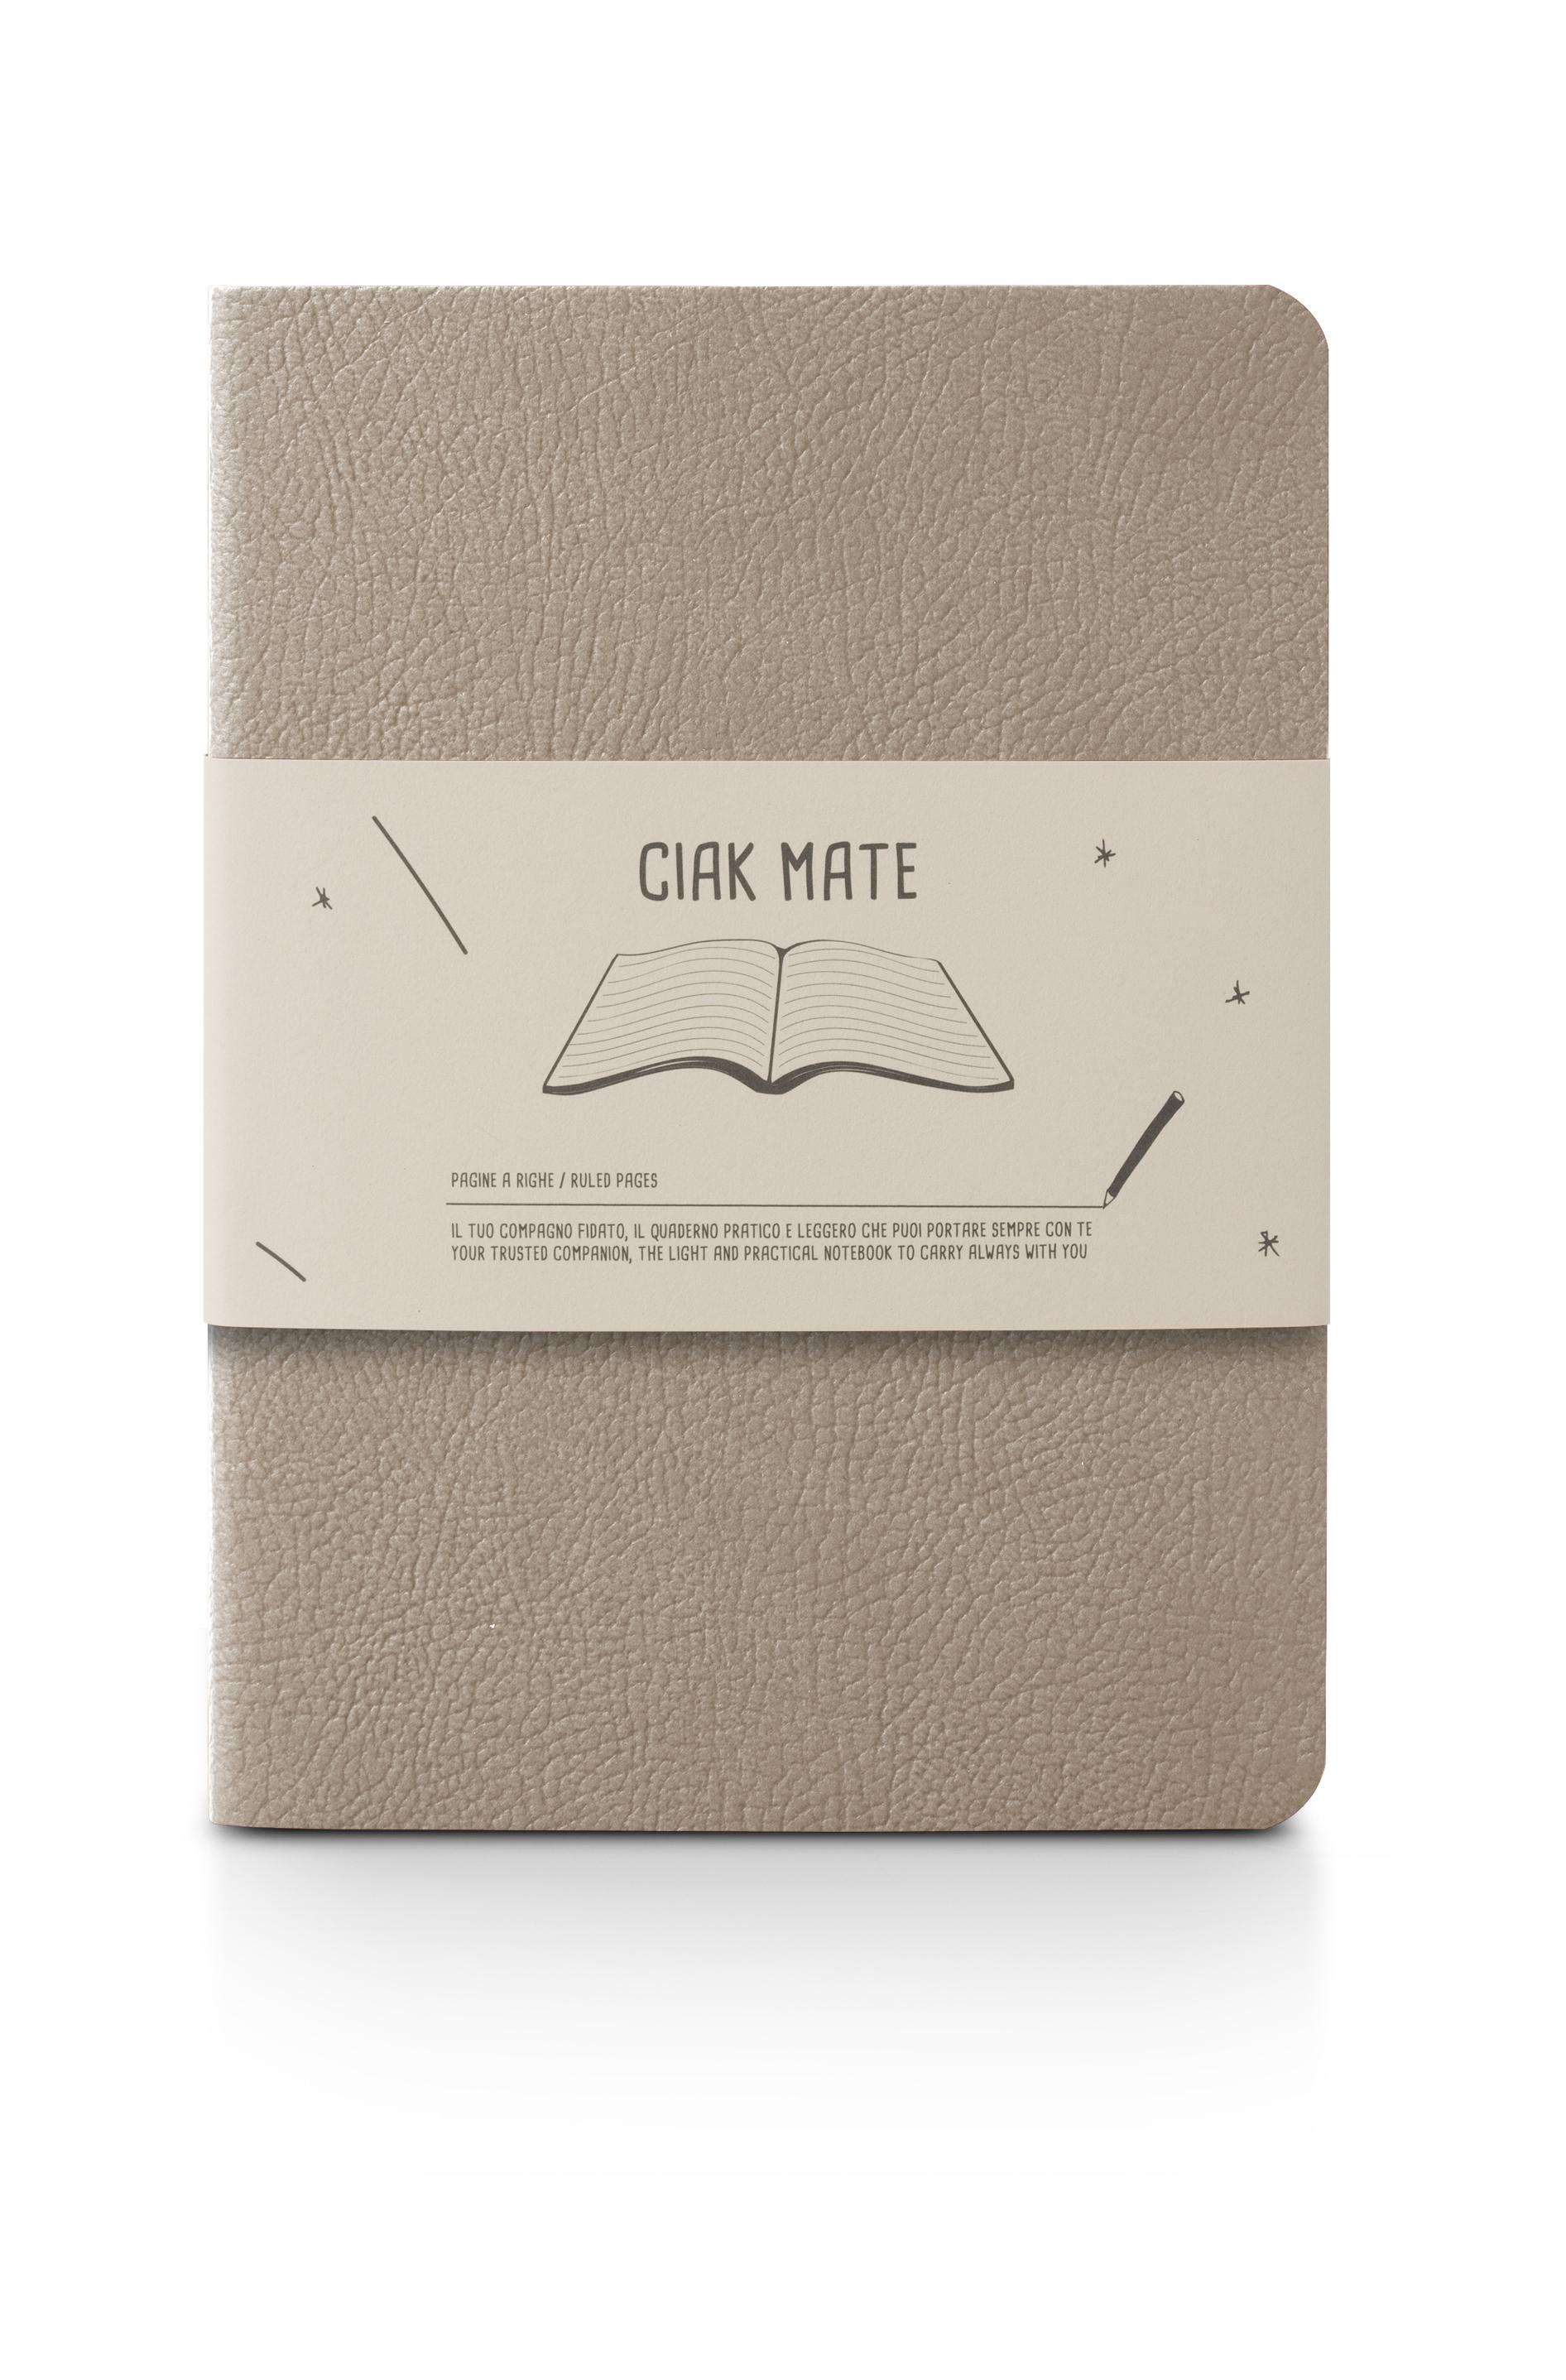 8181CKM27 - Ciak MATE Soft Cover Slim Notebook